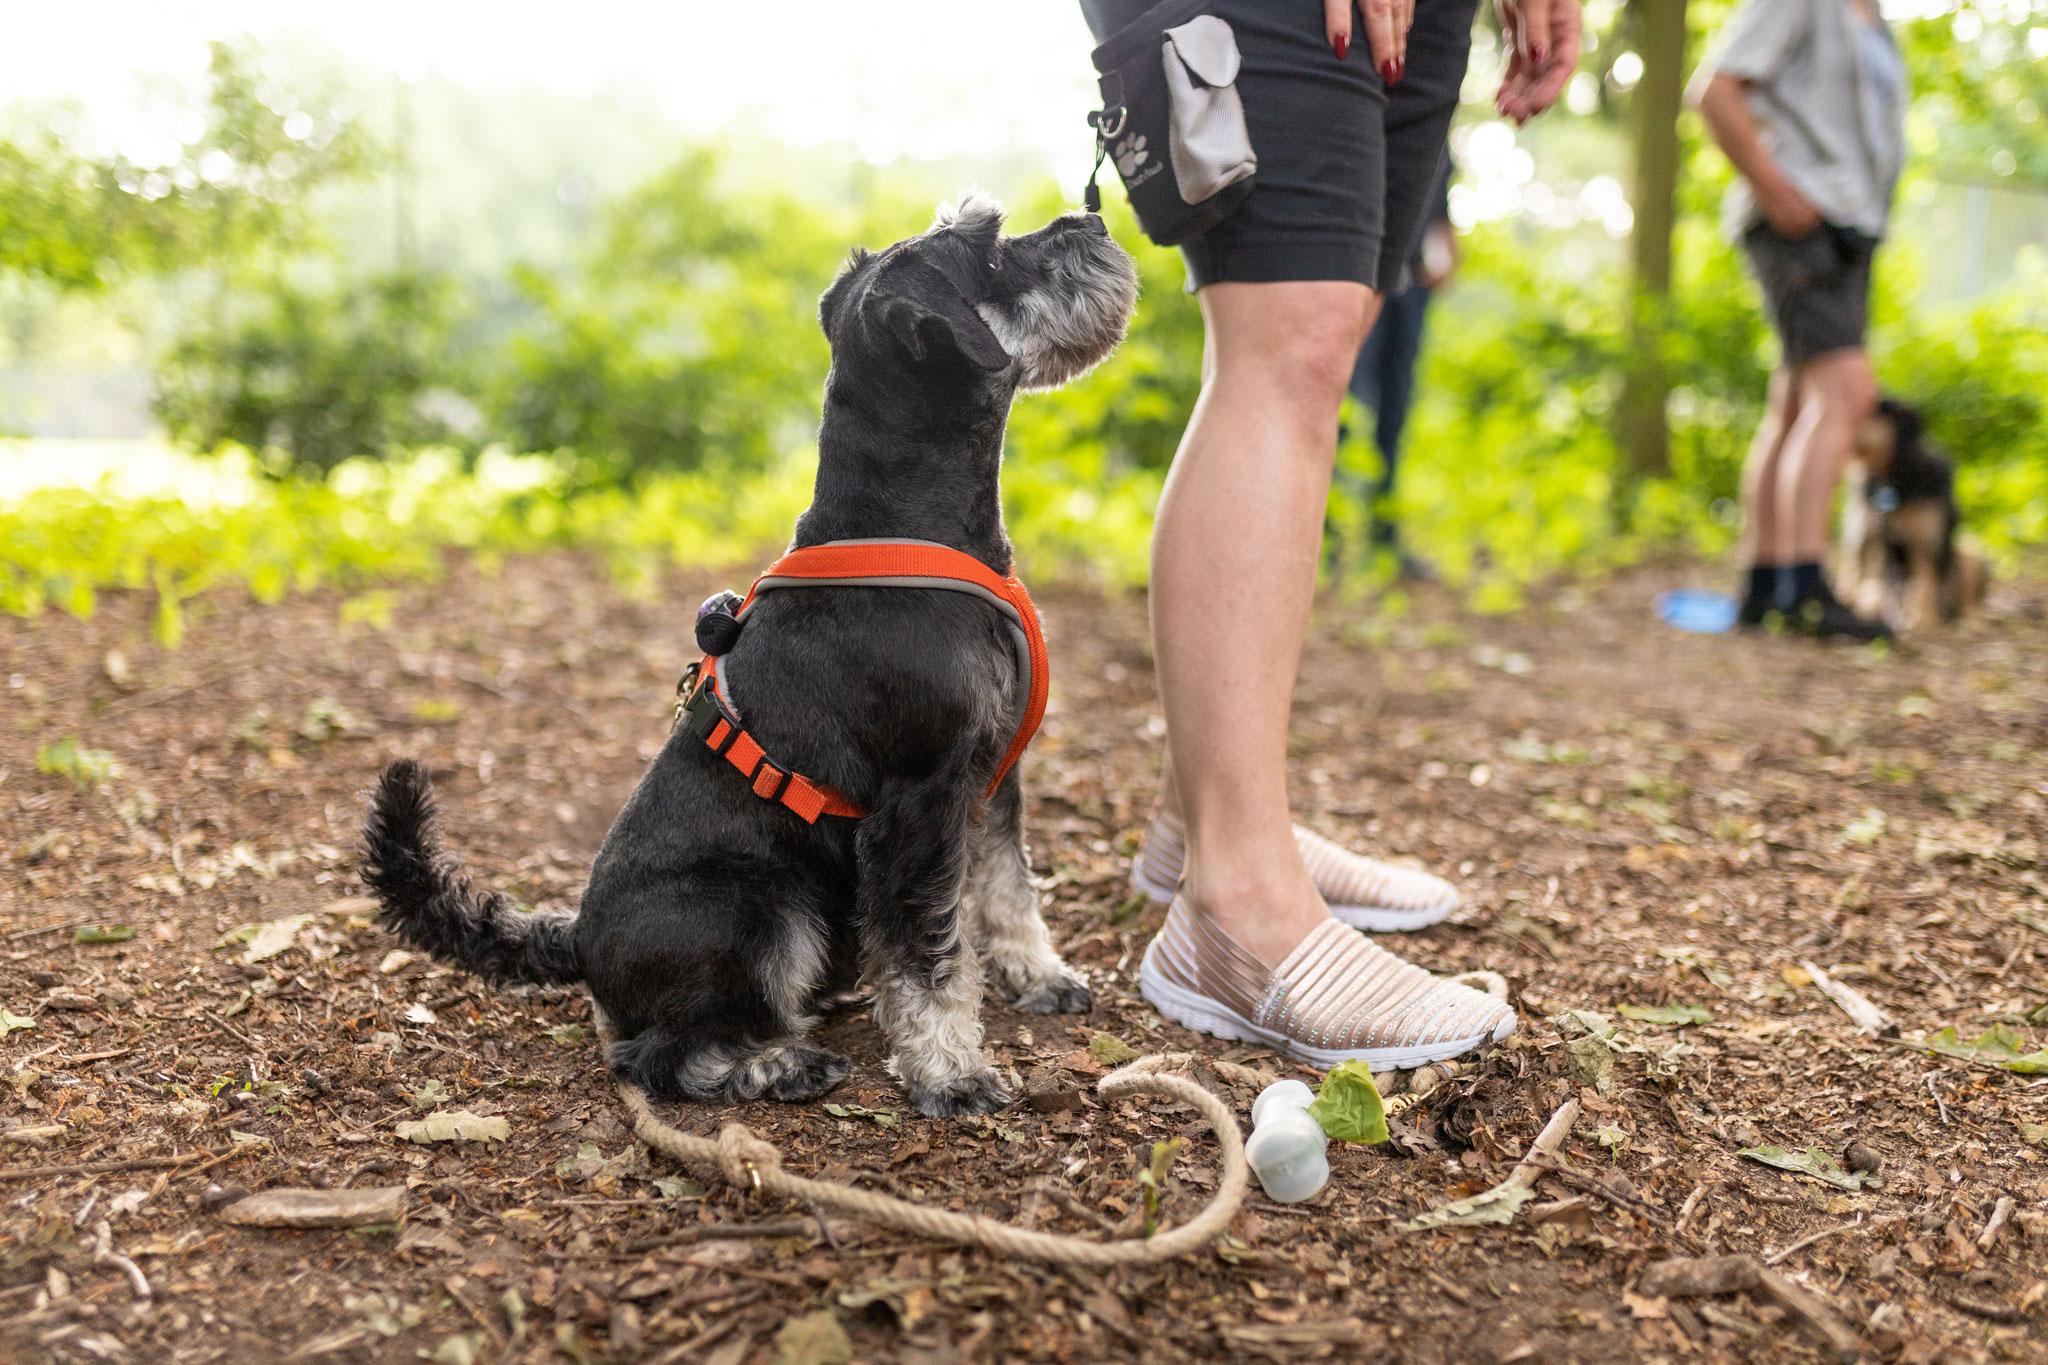 Ein Hund sitzt beim Aufmerksamkeitstraining im Hamburger Stadtpark neben seinem Besitzer